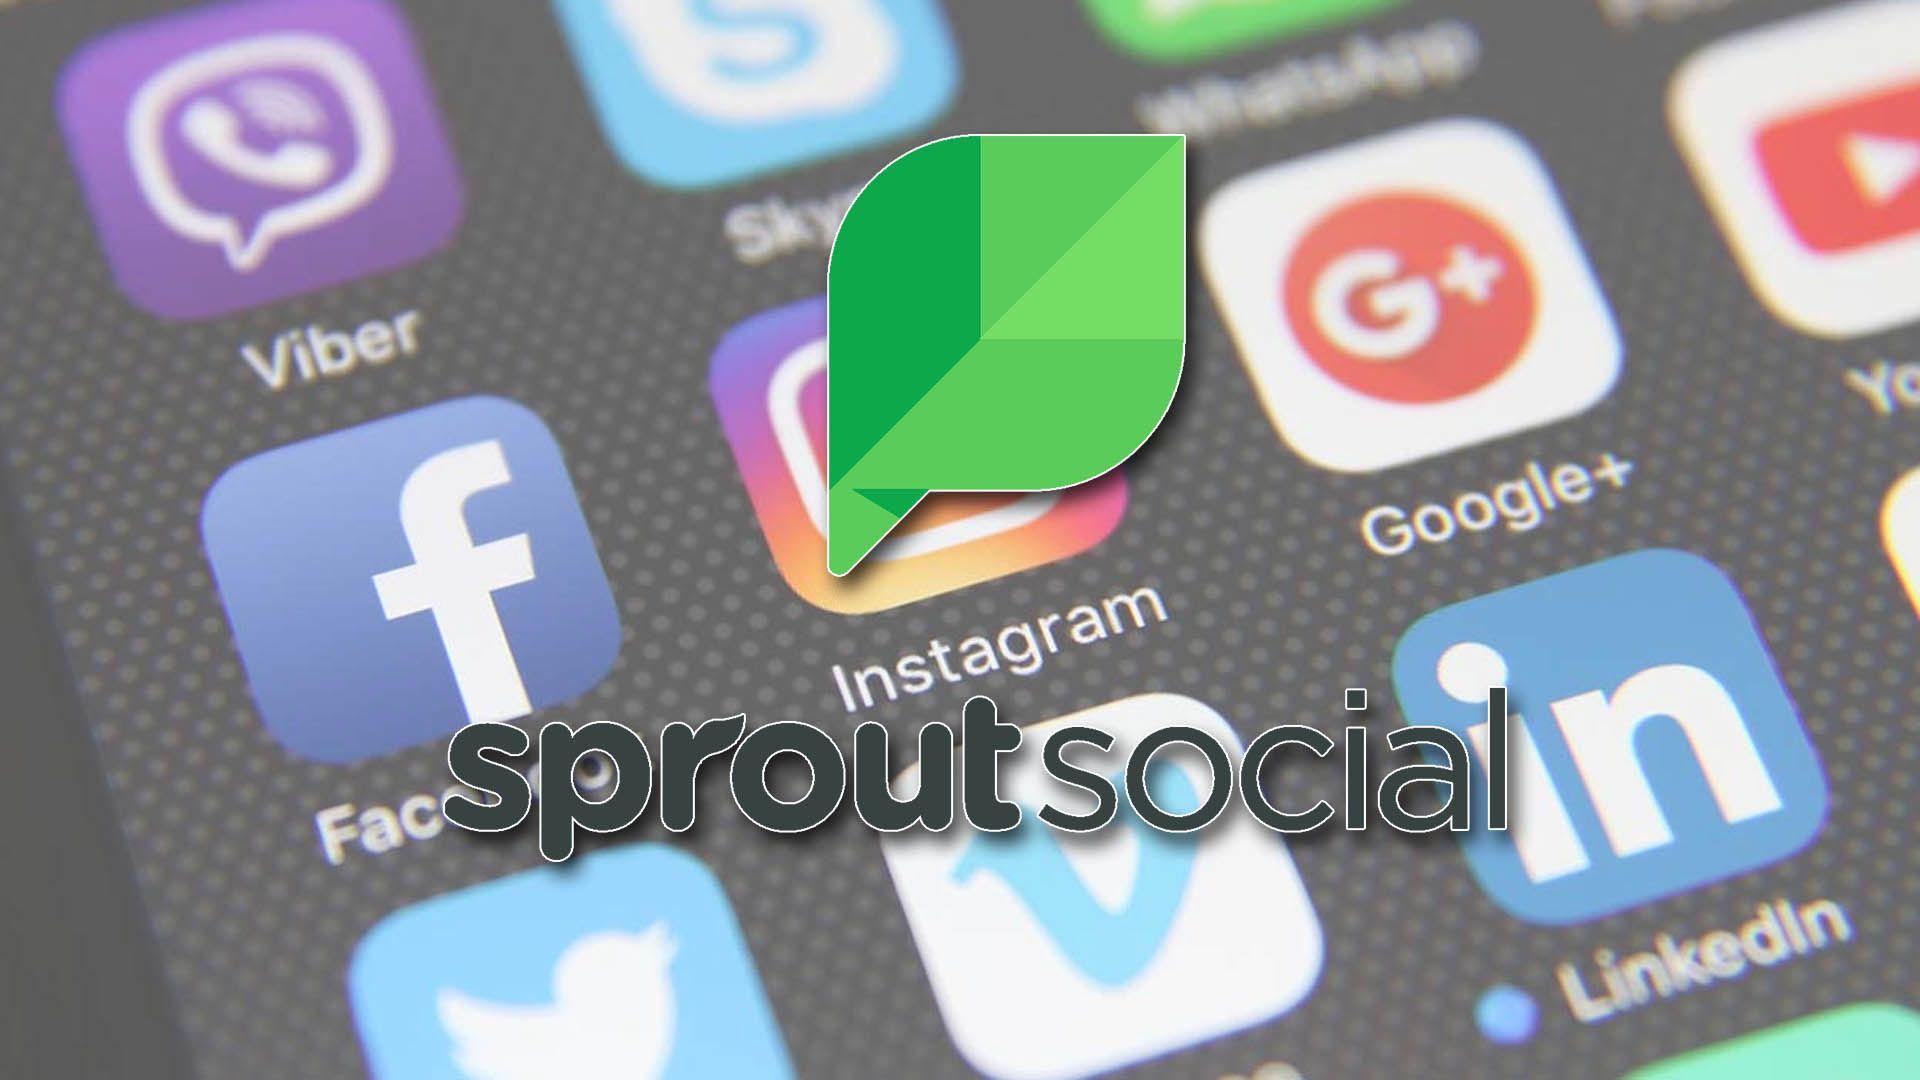 4x plus de ventes sur les réseaux sociaux (facile) #GrowthHacking #WEbMarketing #FormationGrowthHacking #CentreDeFormationFrance #TunnelAARRR #AARRR #SocialMedia #CommunityManagement #SEO